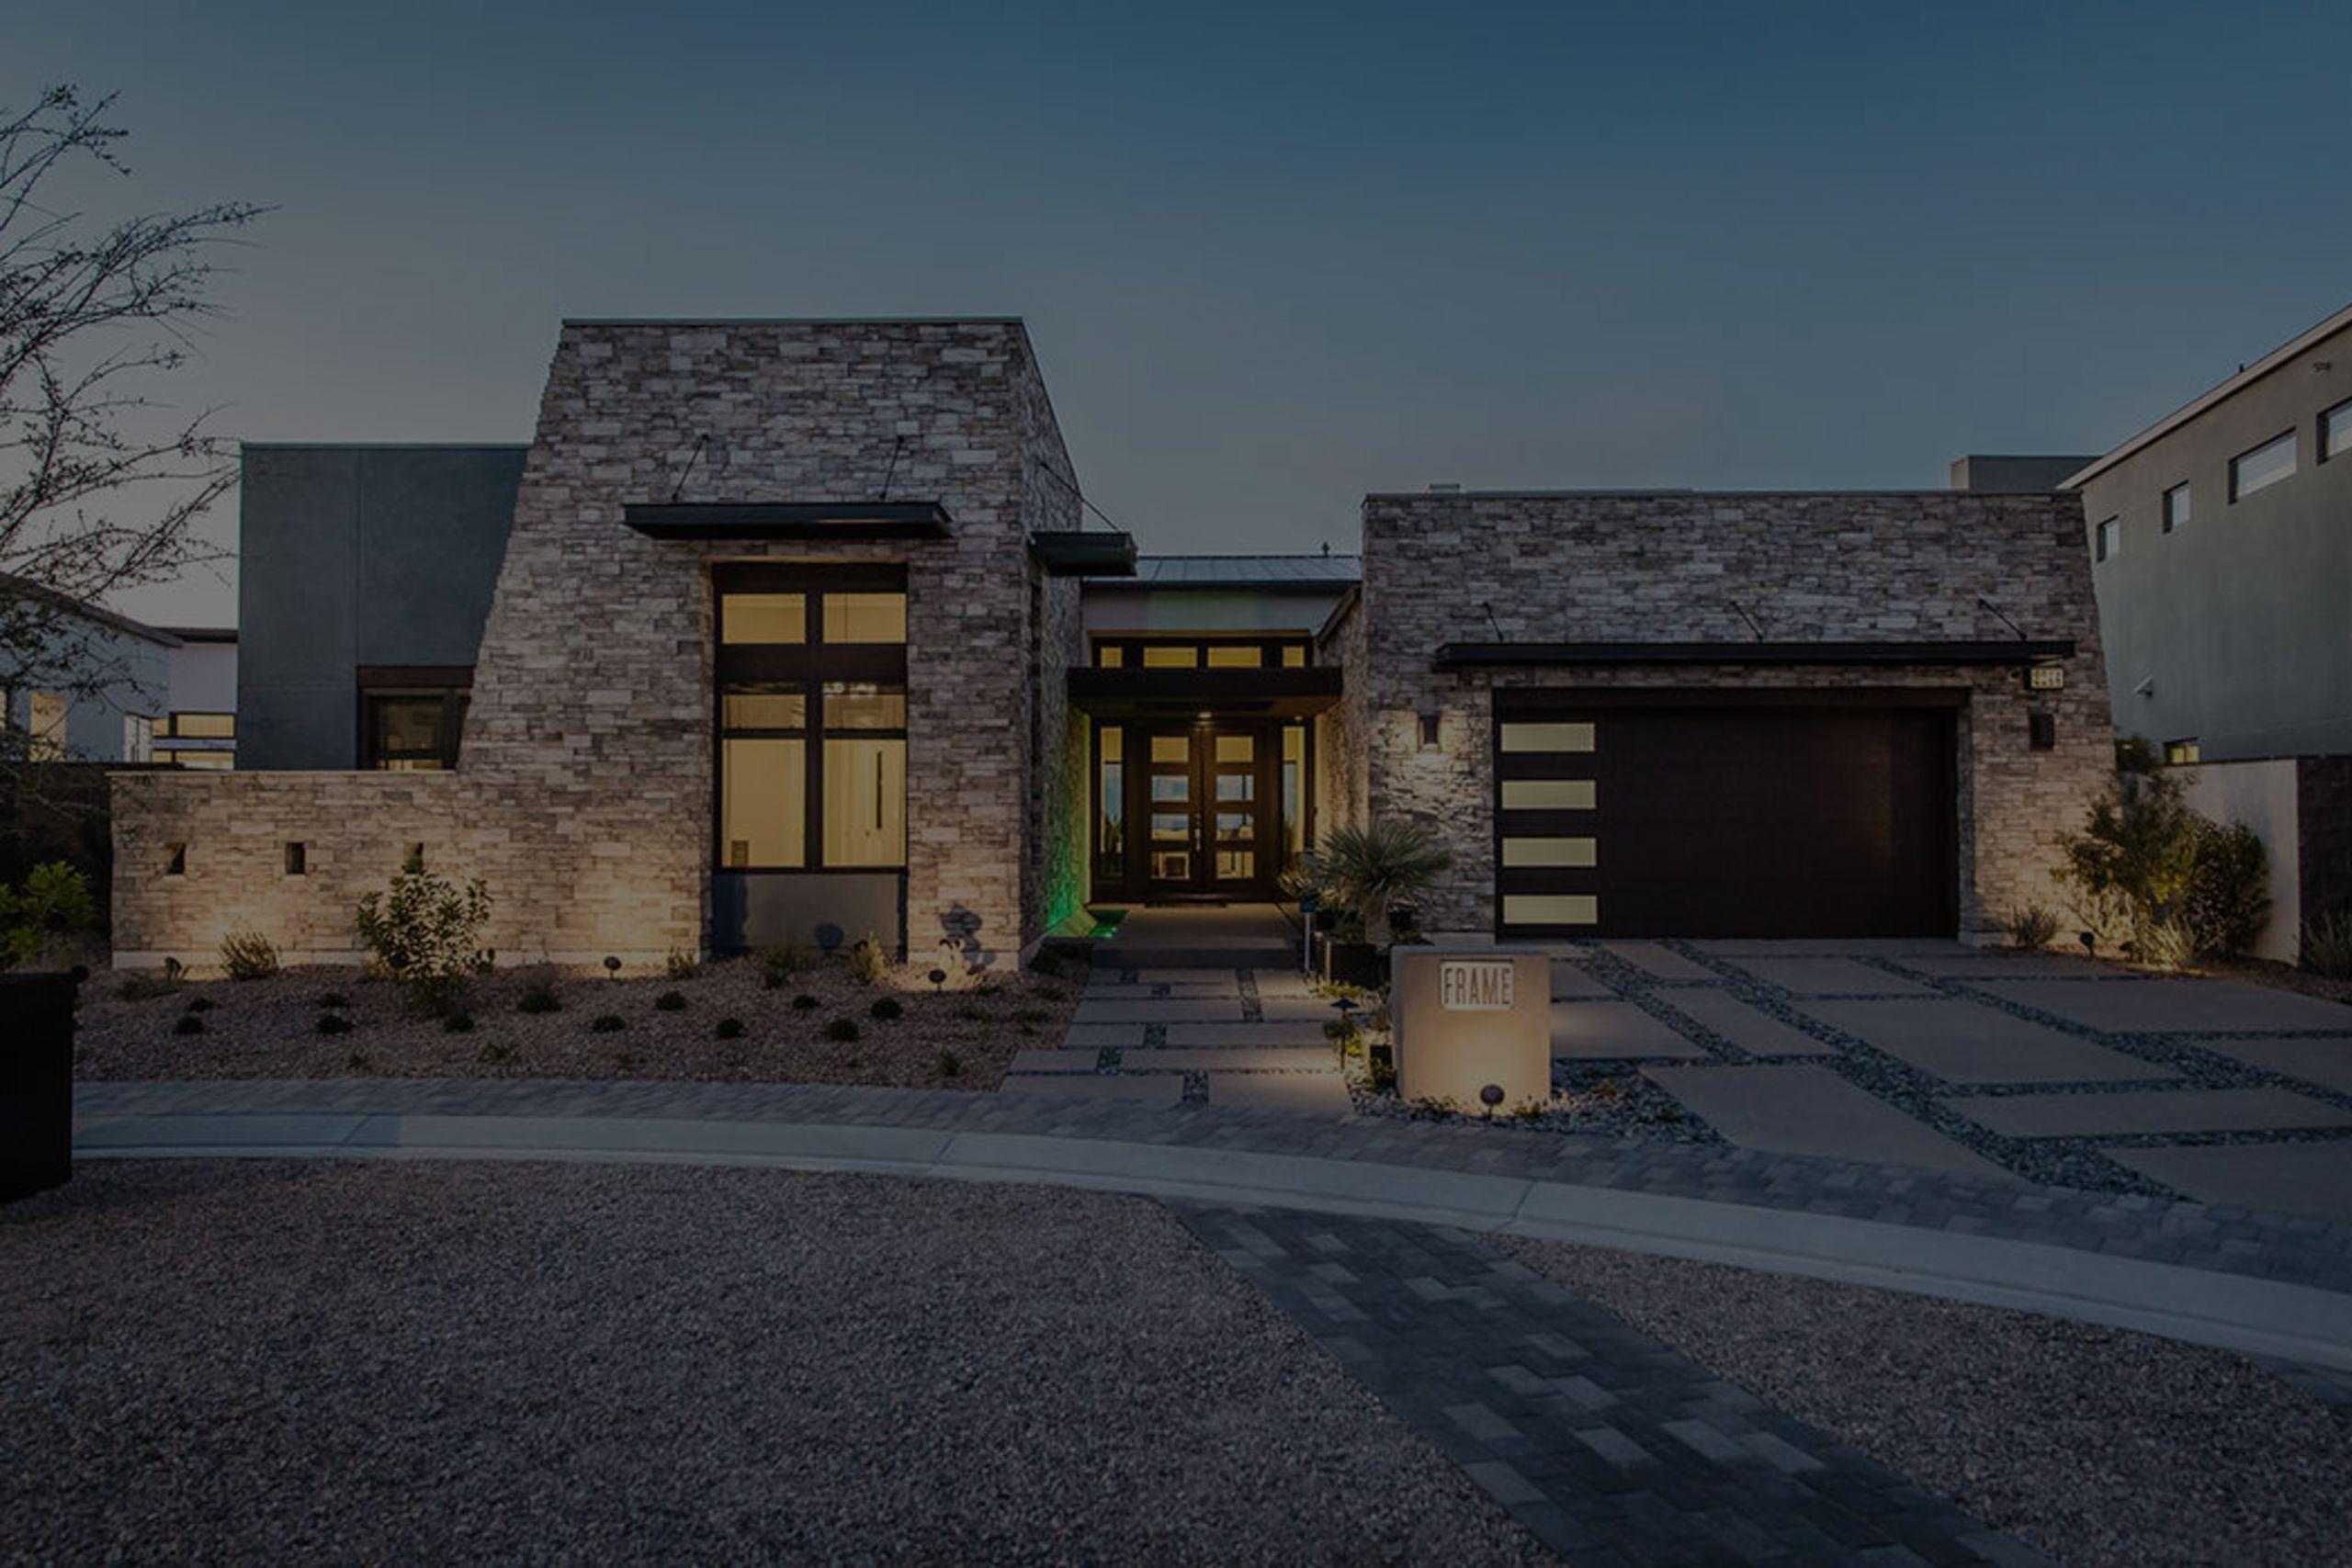 Modern homes for every taste